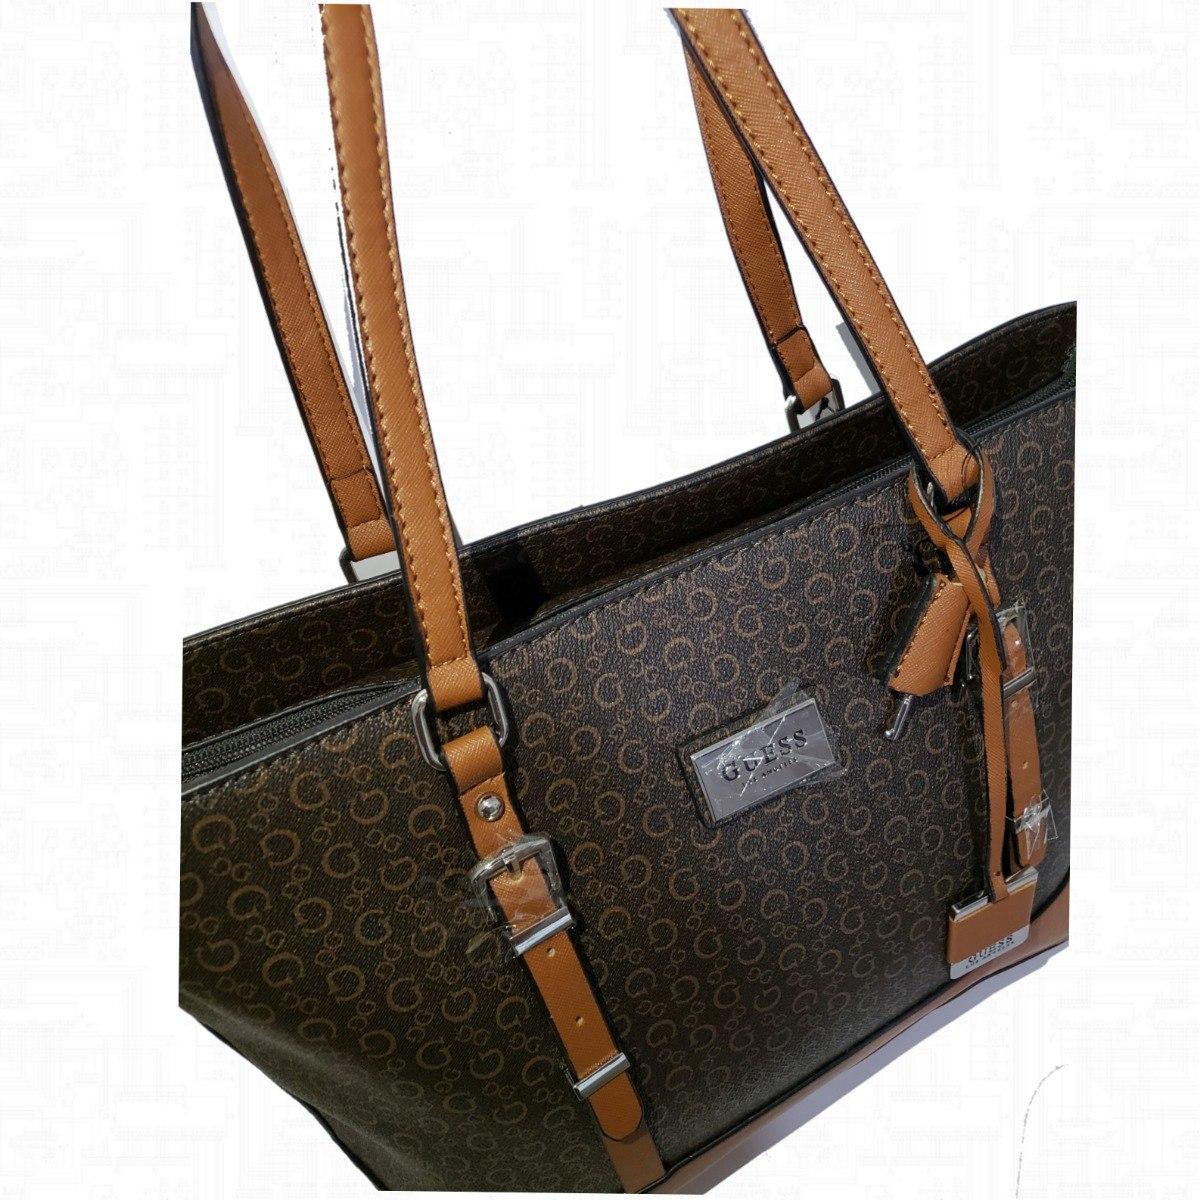 e2aafddae bolsa feminina guess couro luxo importada coleção 2019. Carregando zoom.